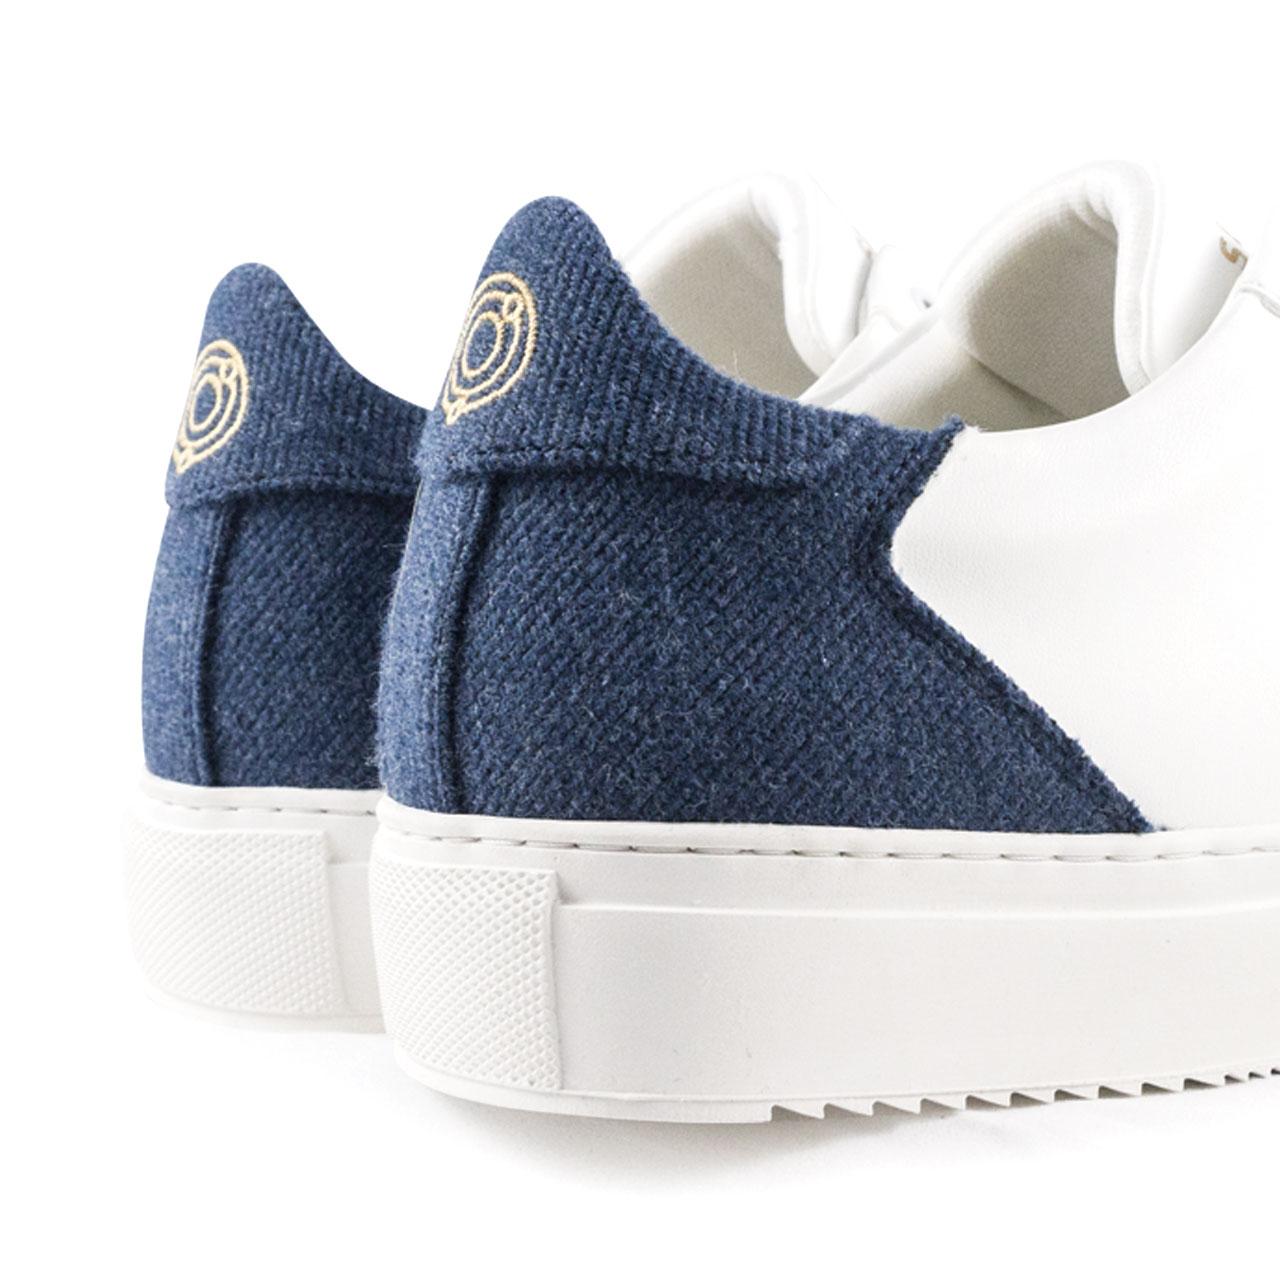 basket-vegan-flanelle-blanche-Epsilon-blanc-bleu-talon